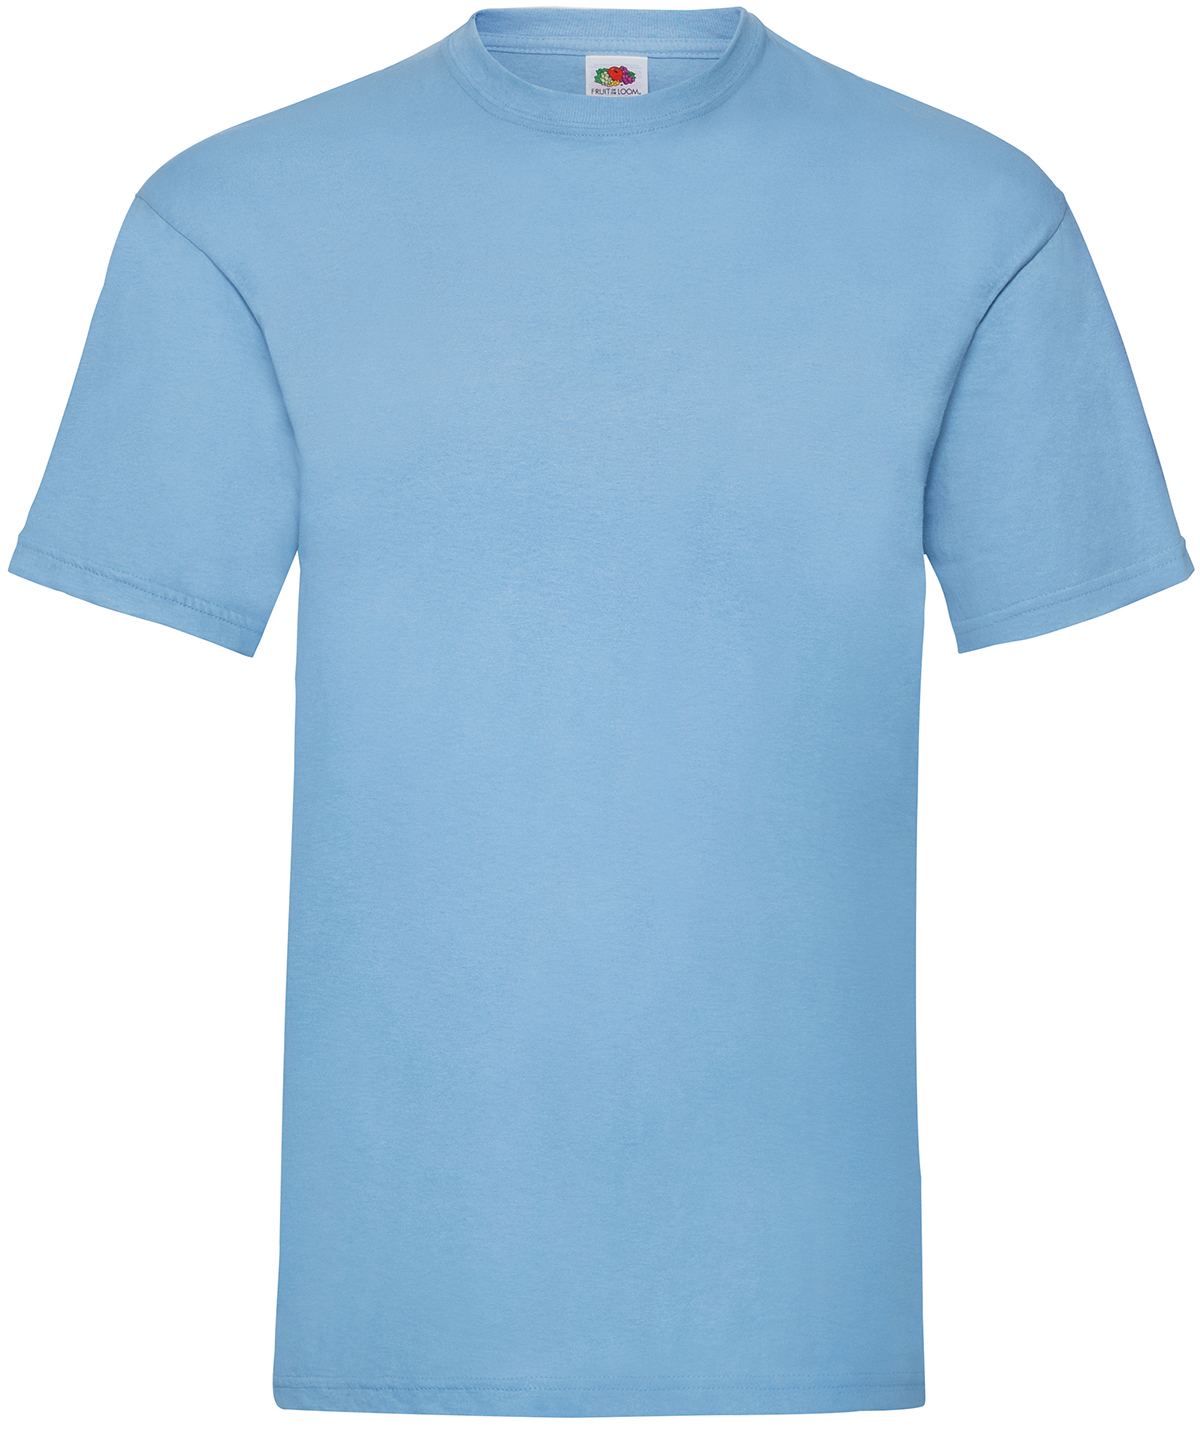 Indexbild 24 - Fruit of the Loom UNISEX T-Shirt Bestseller Top Angebot Herren Damen NEU